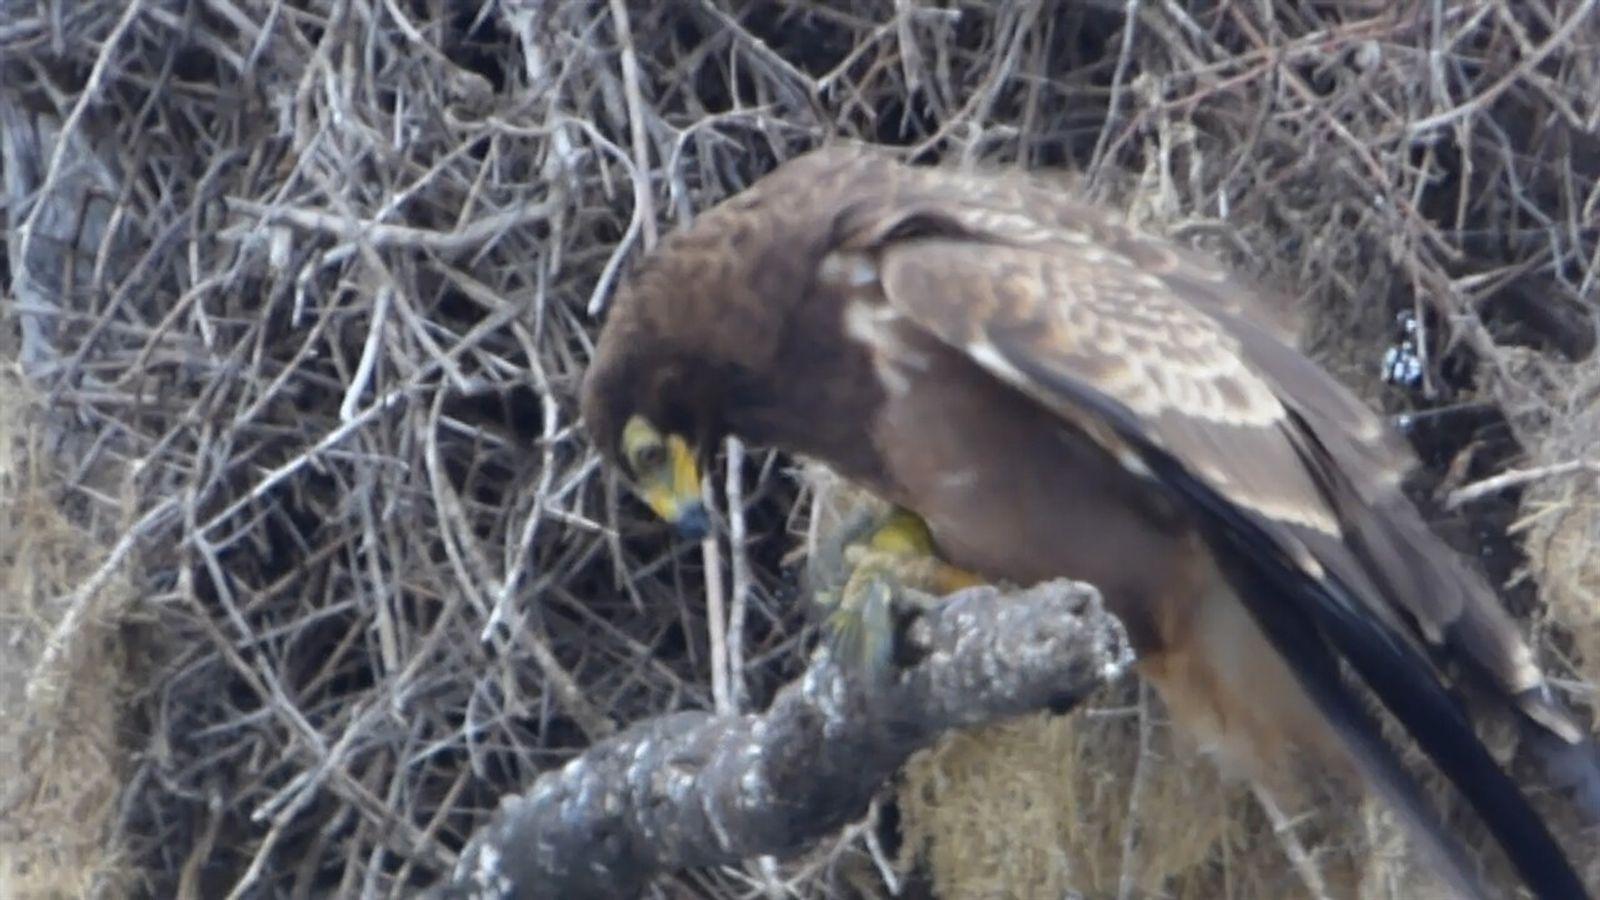 Impactante video muestra a un aguilucho decapitando a su presa